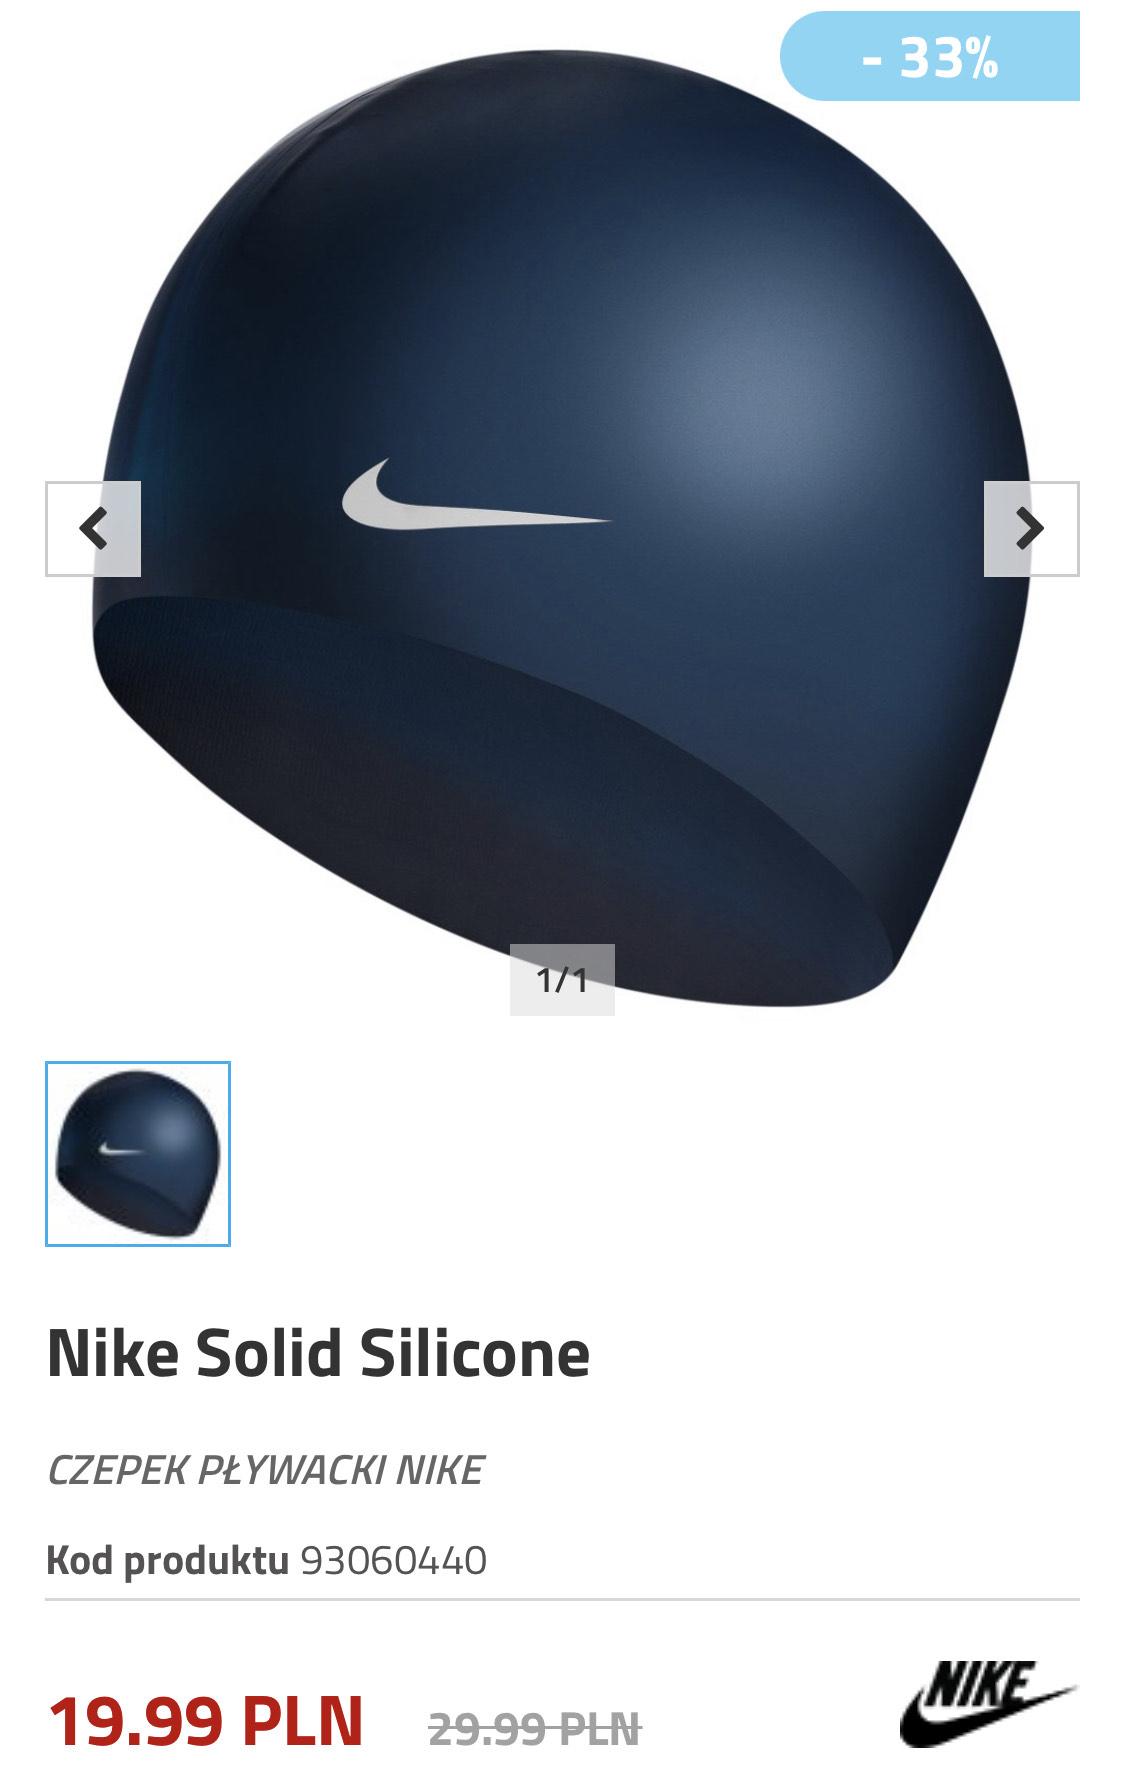 Czepek pływacki Nike Solid Silicone